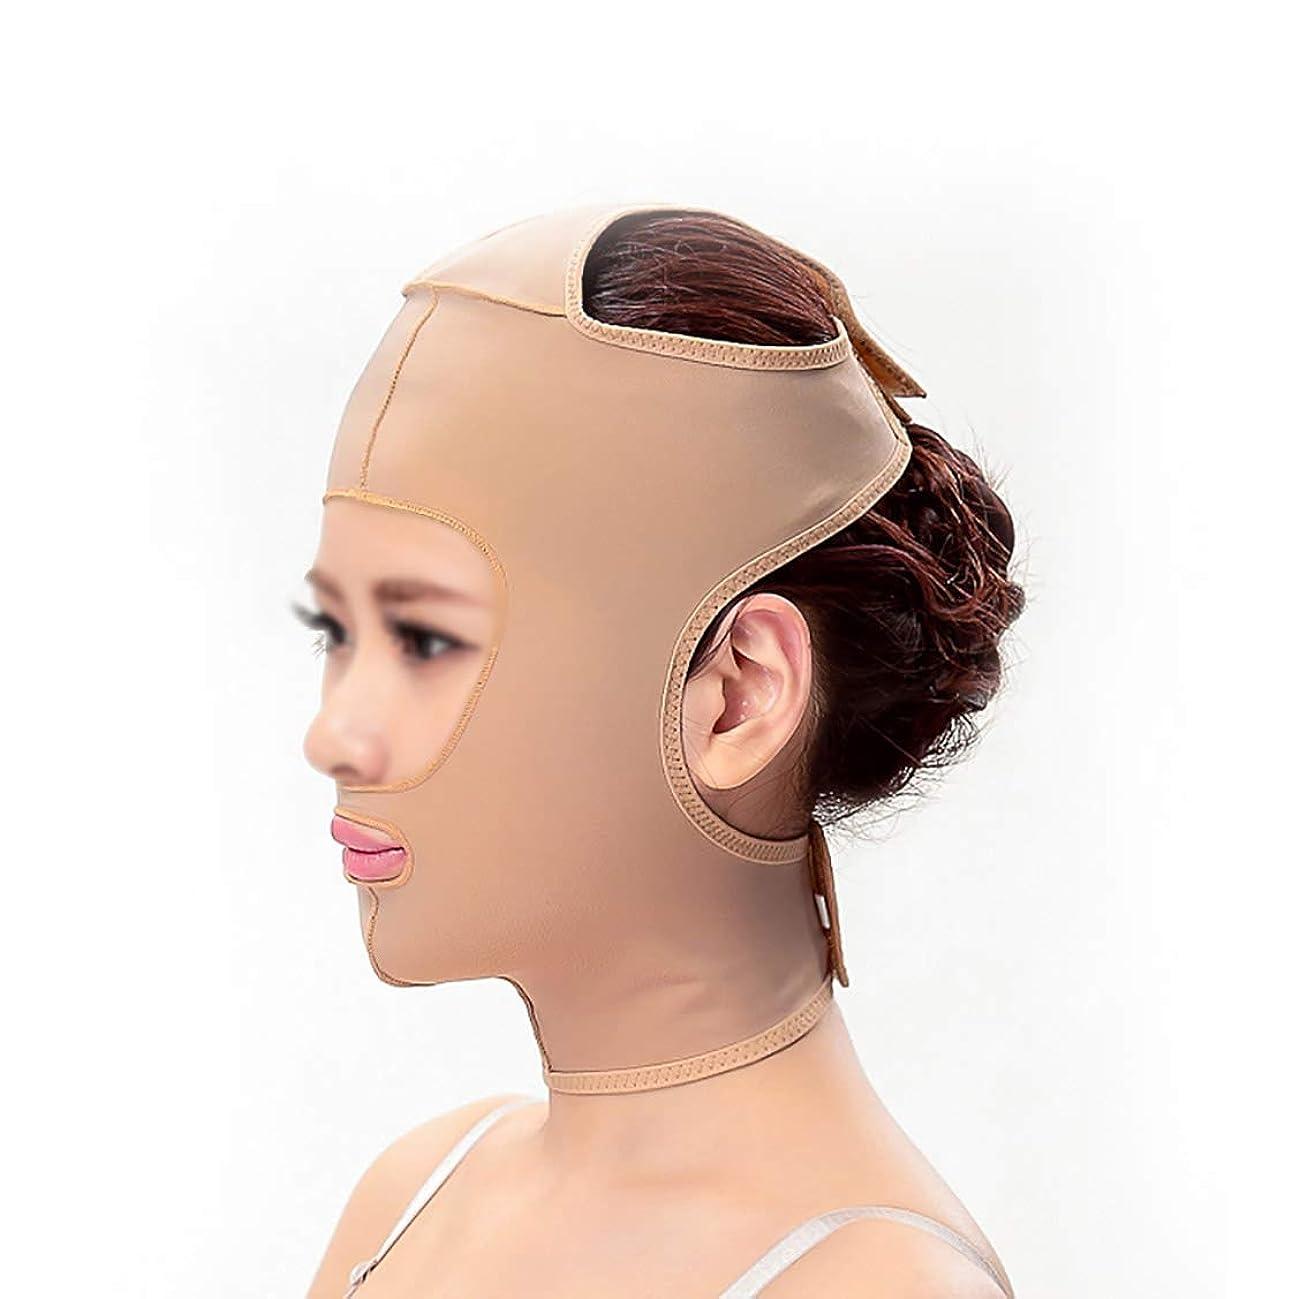 モールス信号繁栄ナーススリミングベルト、二重あごの引き締め顔面プラスチックフェイスアーティファクト強力なフェイスバンデージをサイズアップするために顔面マスクシンフェイスマスク,M